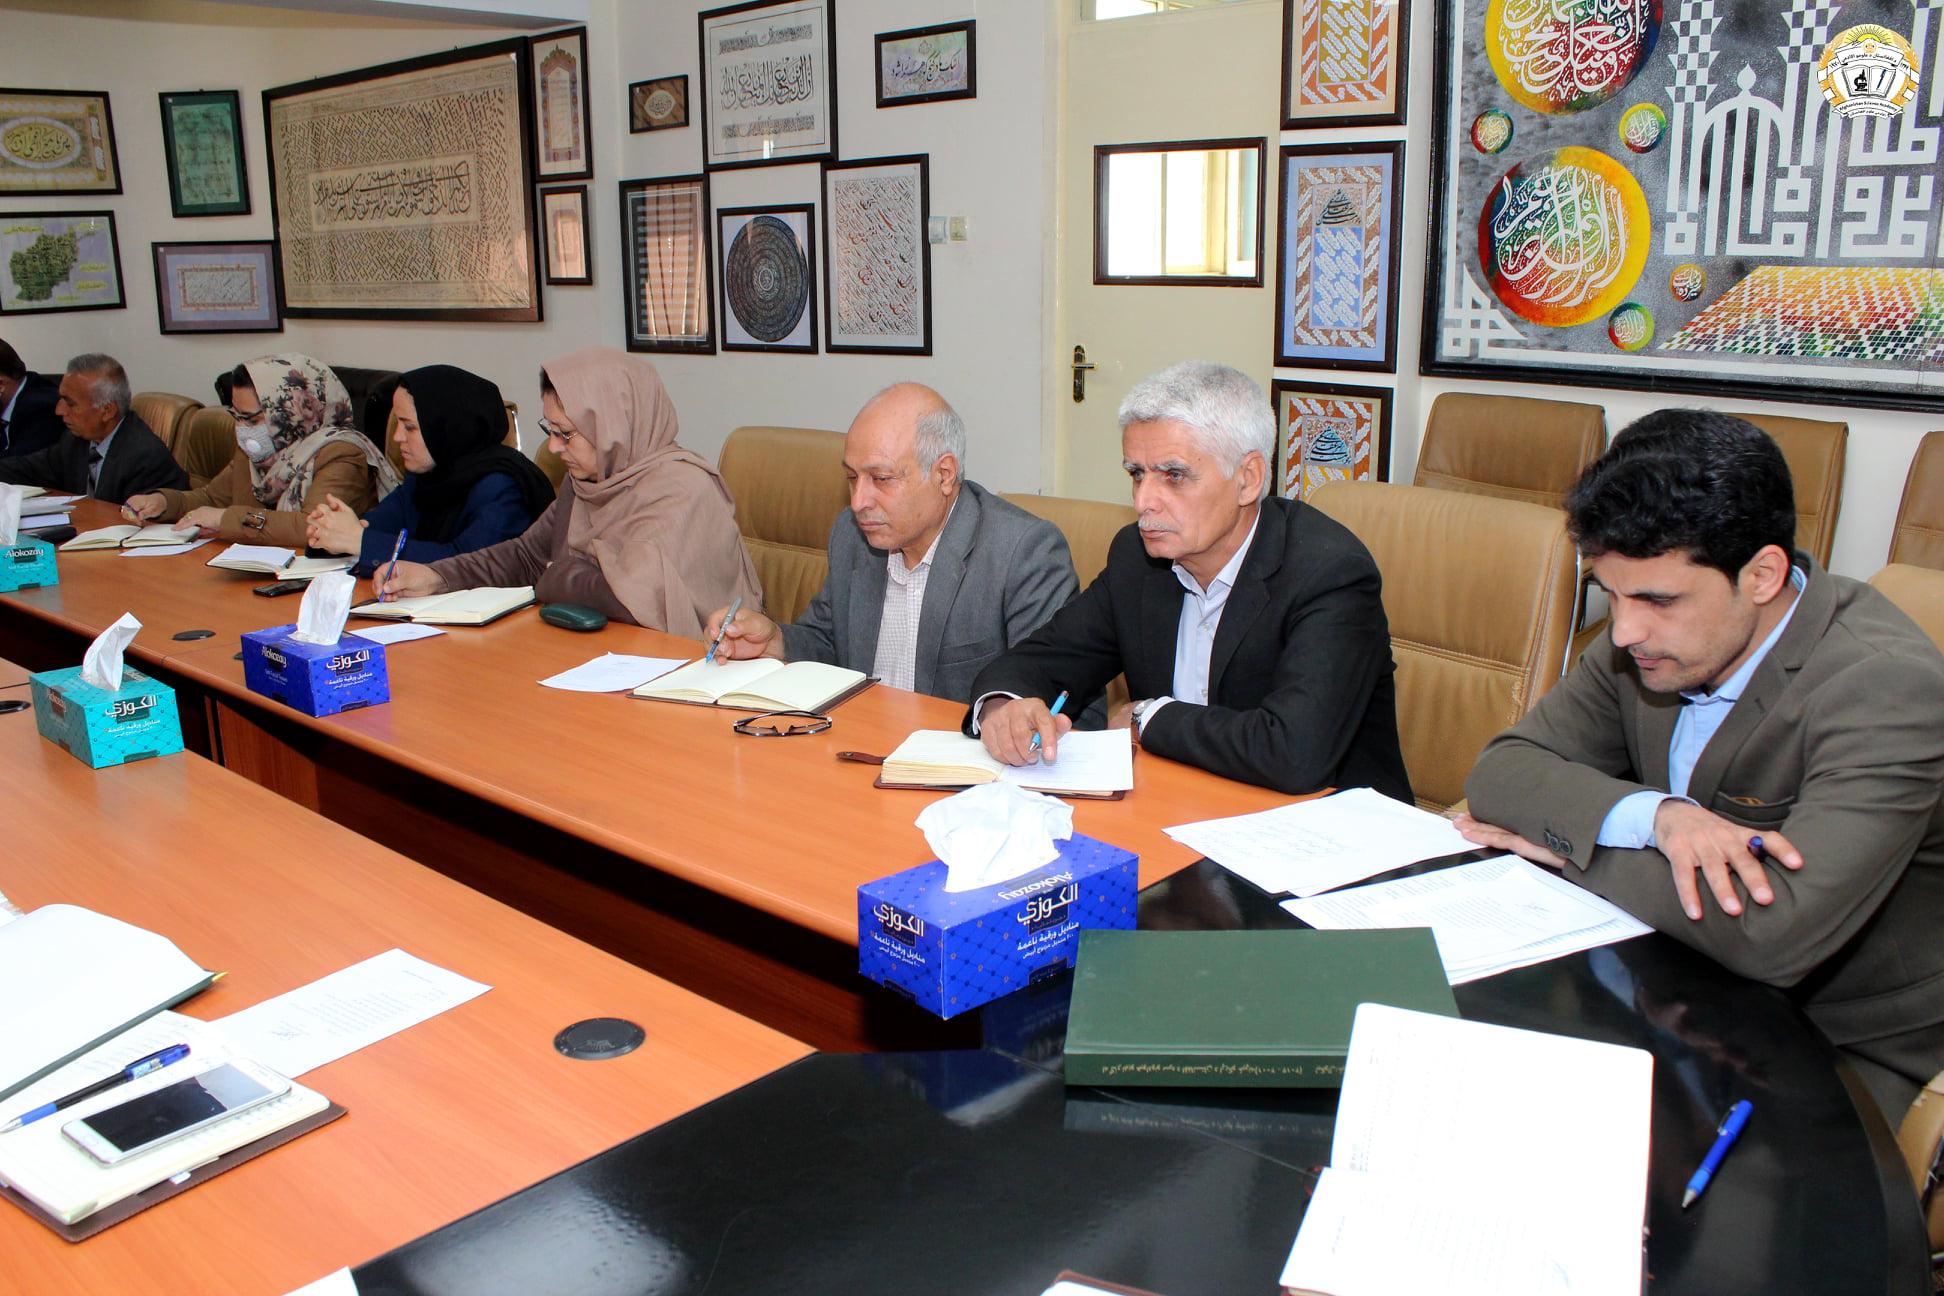 جلسه شورای علمی اکادمی علوم